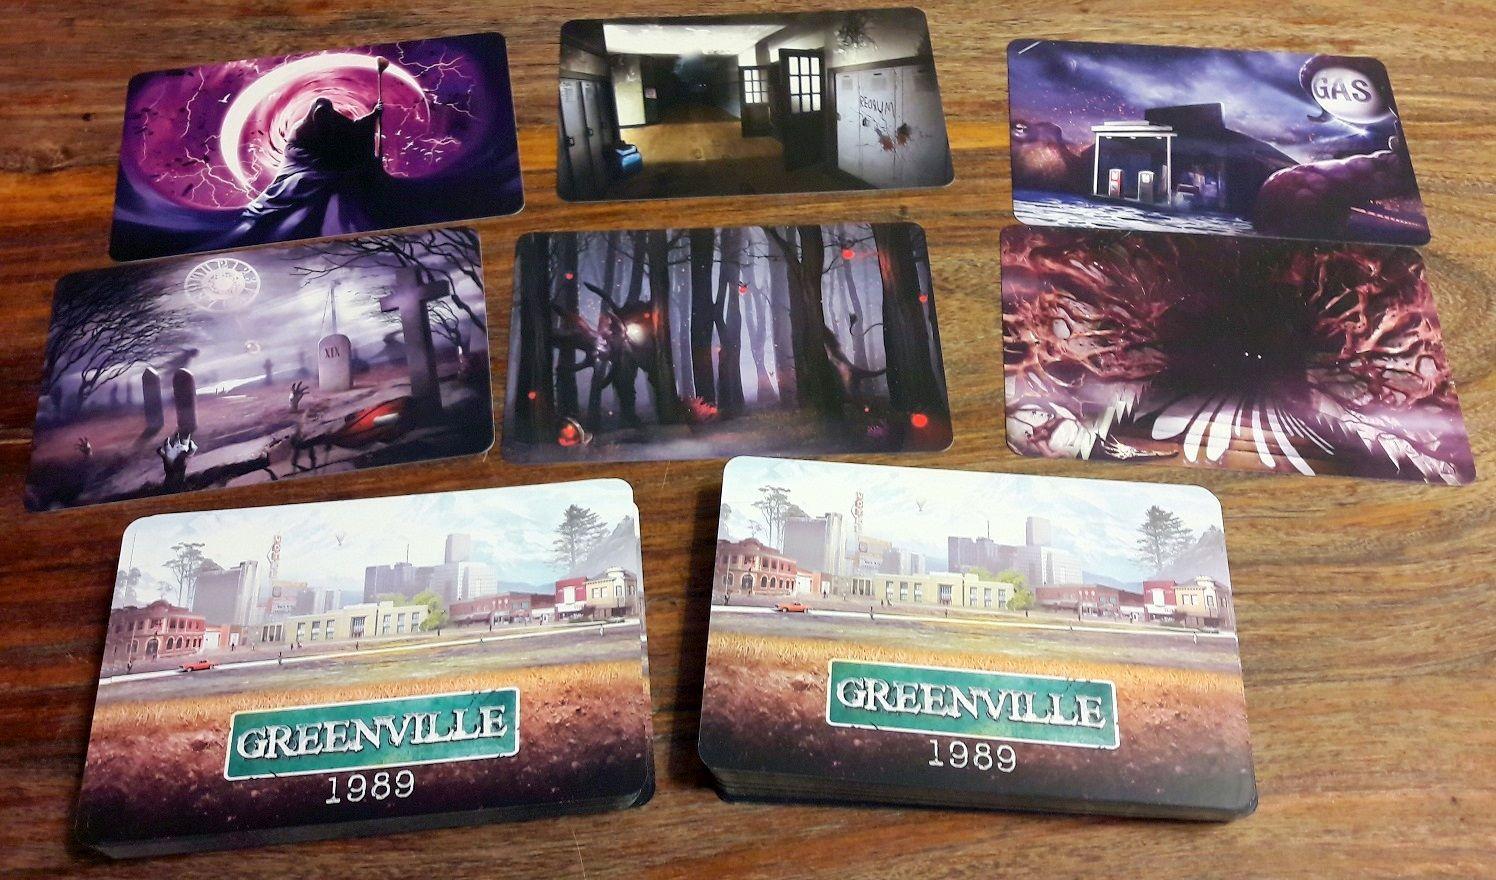 Les cartes sont le cœur du jeu et proposeront différentes scènes d'horreur avec plusieurs niveaux de détails et de lecture